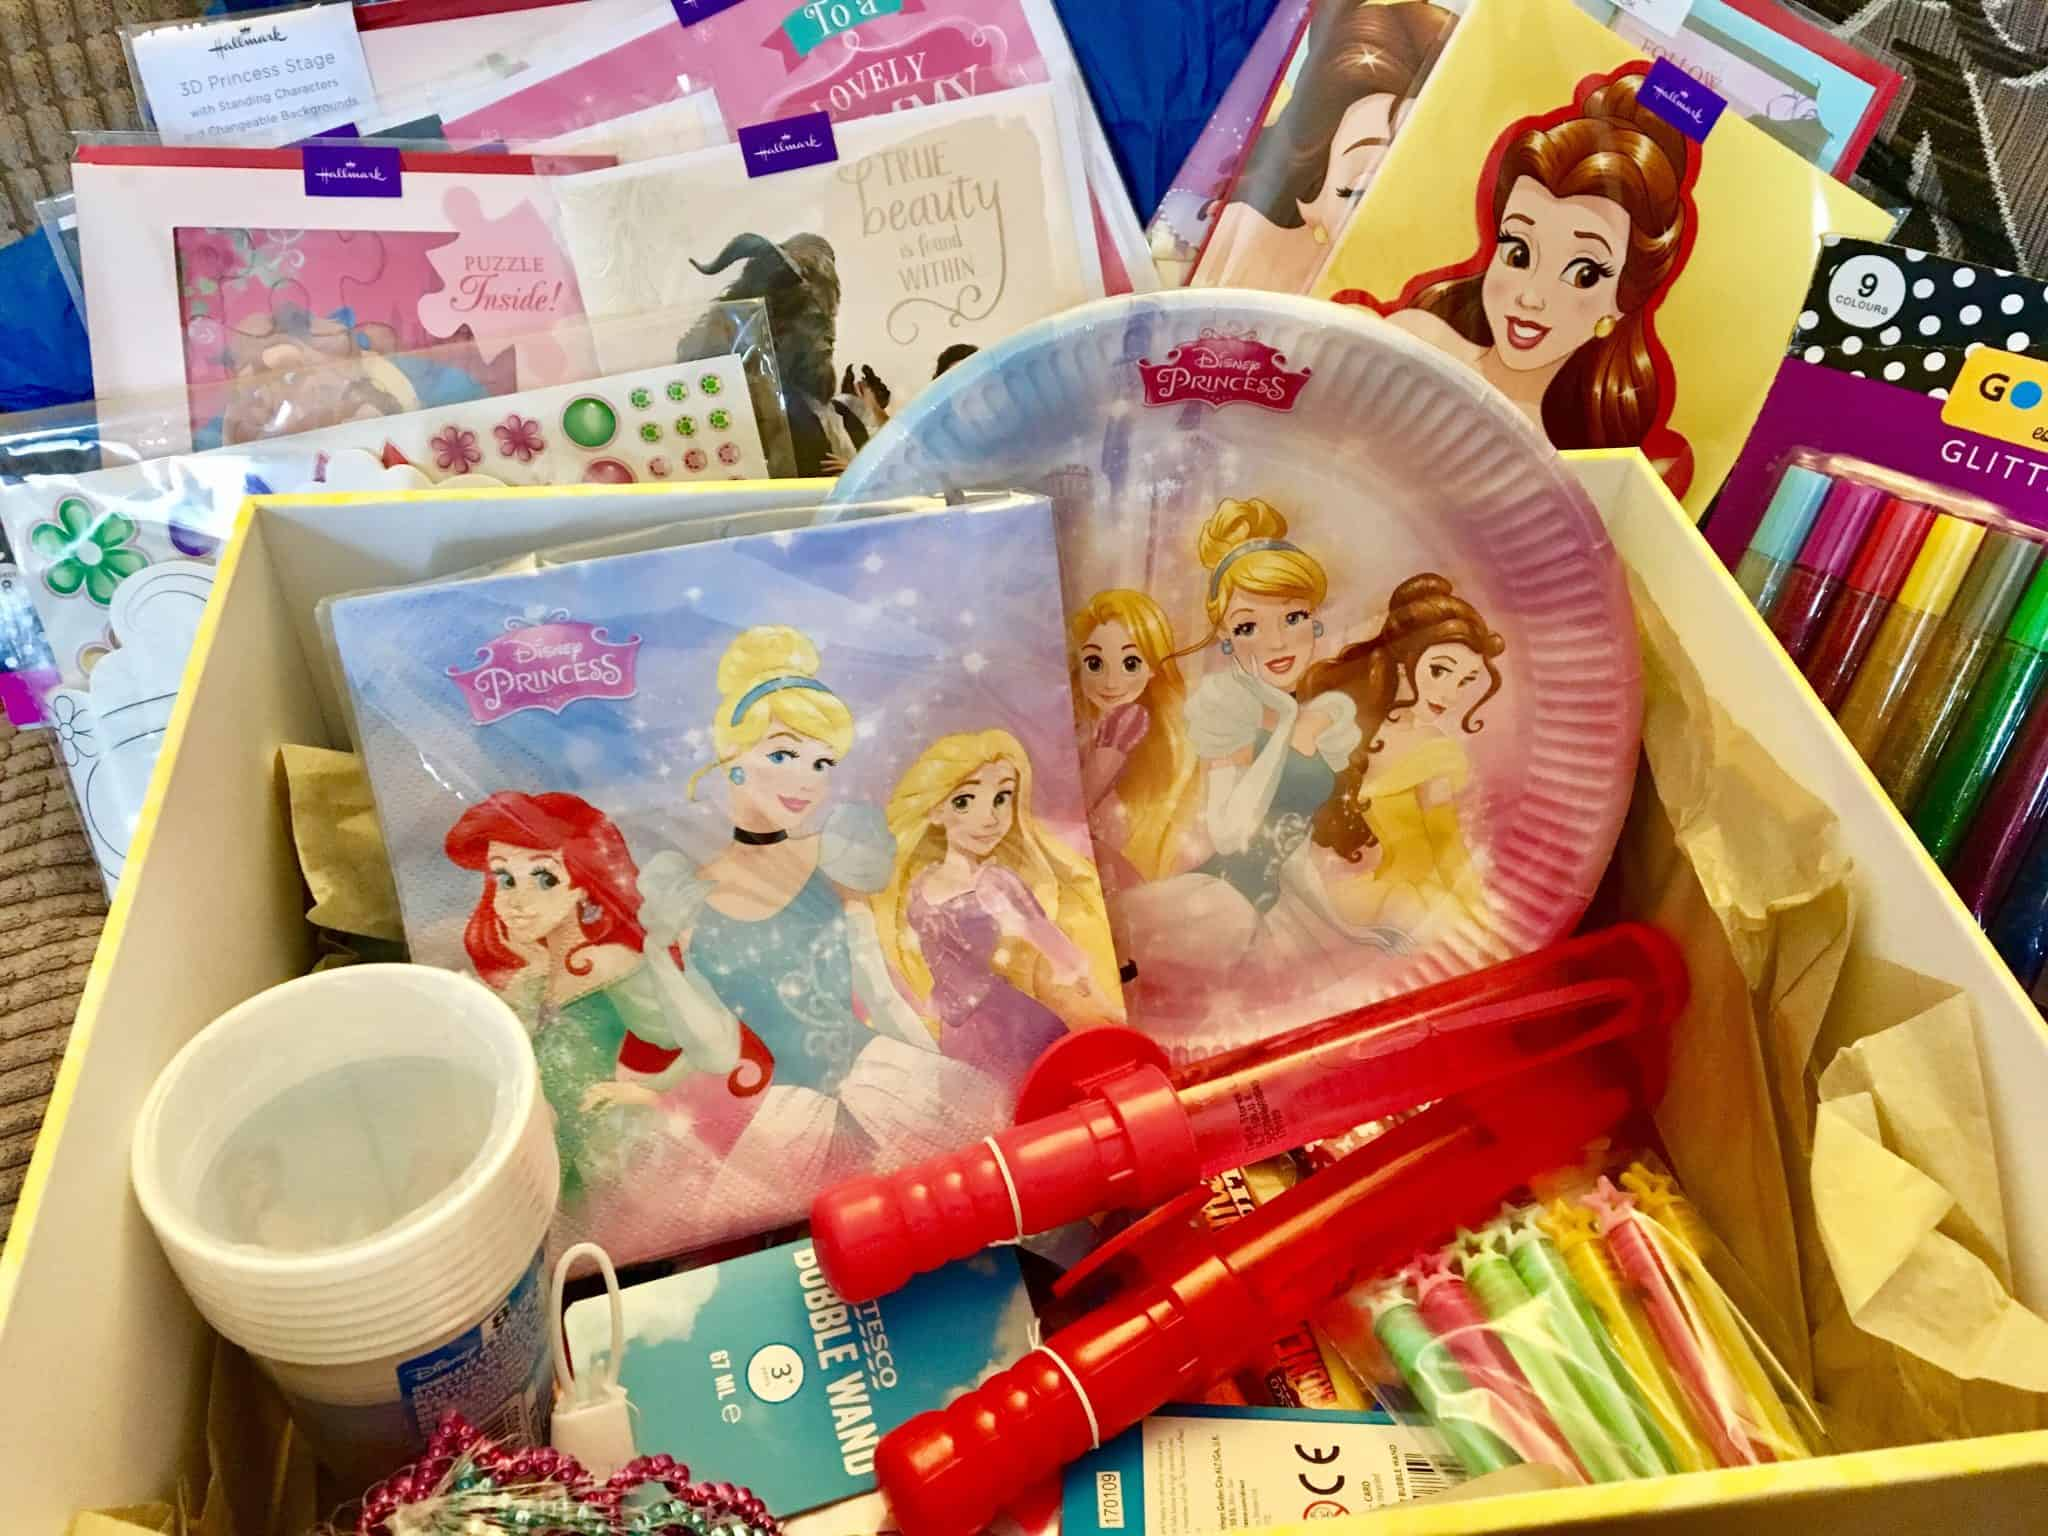 Princess tea party kit